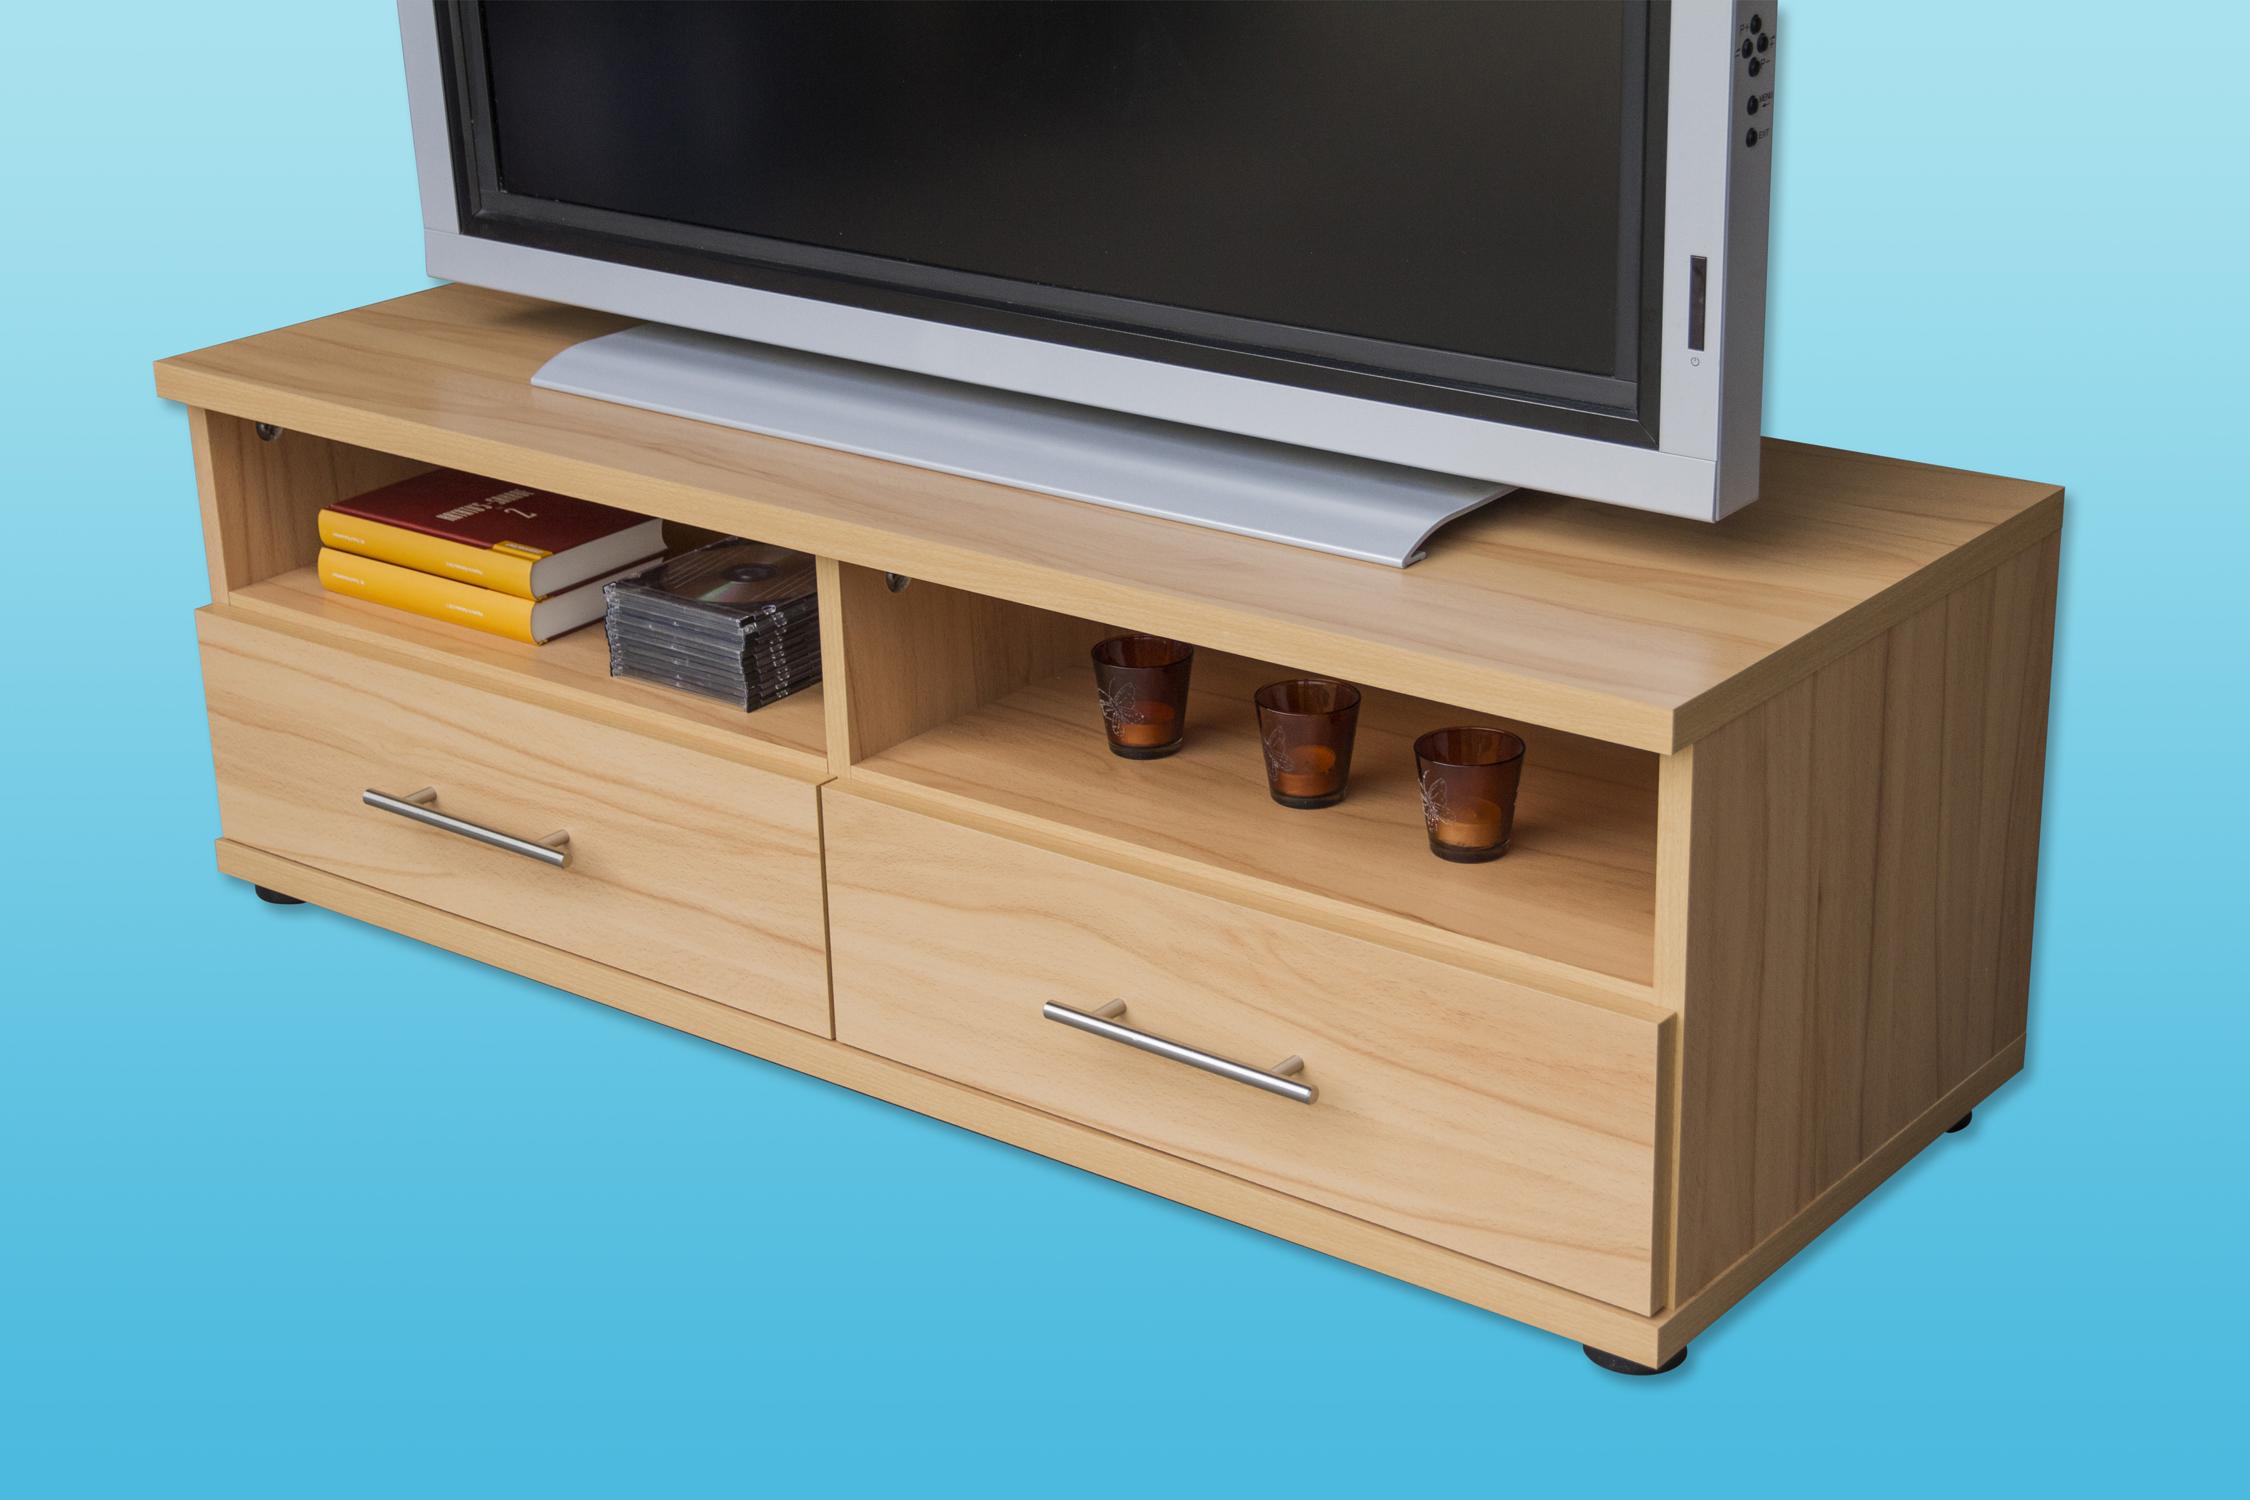 tv lowboard tv schrank mod tv650 kernbuche nussbaum buche hochglanz geseke. Black Bedroom Furniture Sets. Home Design Ideas